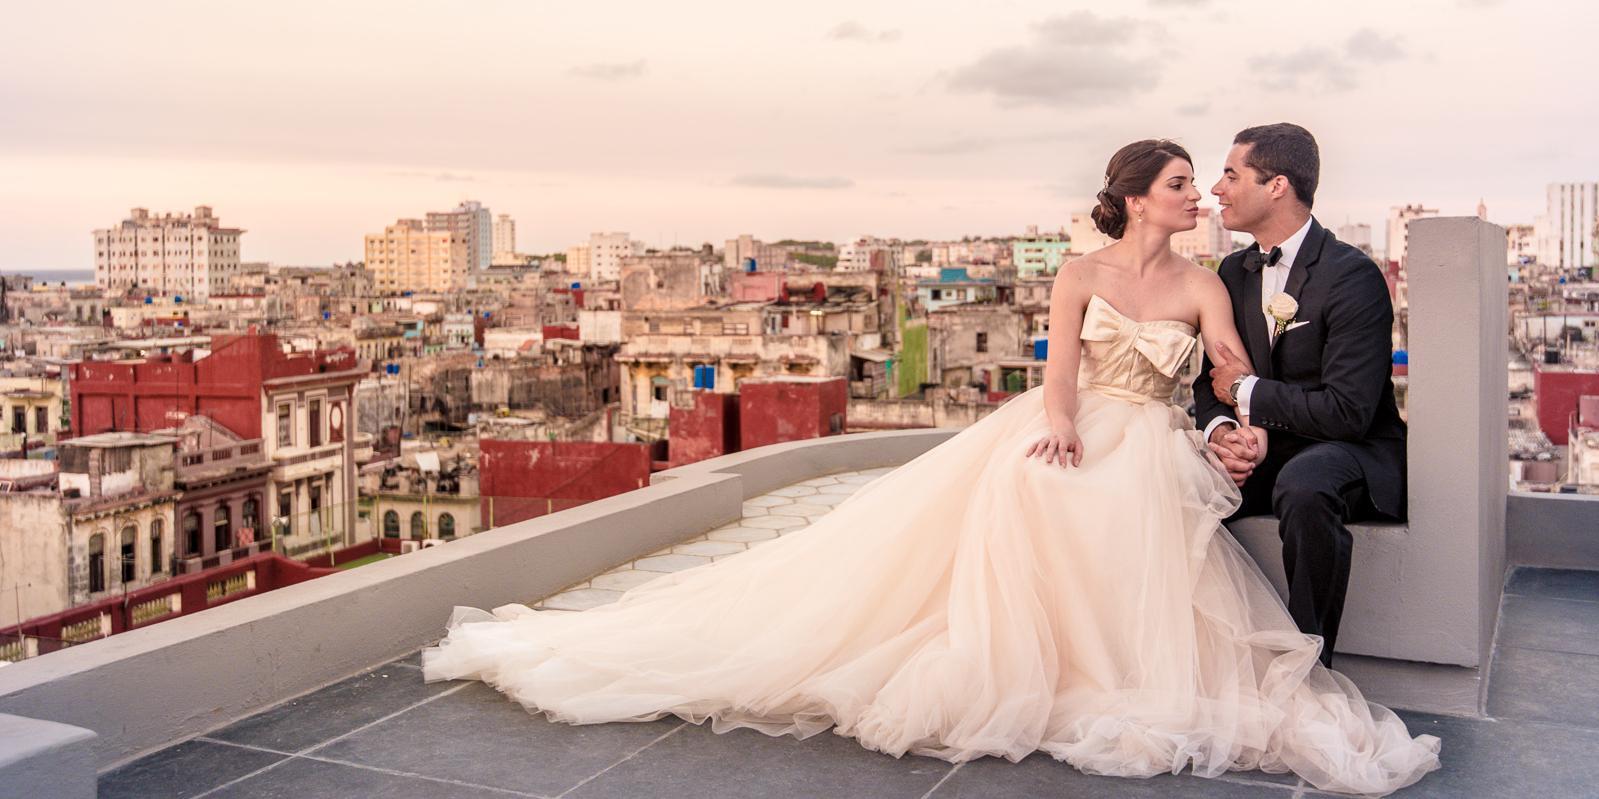 bodas-estilo-libre-sin-tema-cuba-7541.jpg